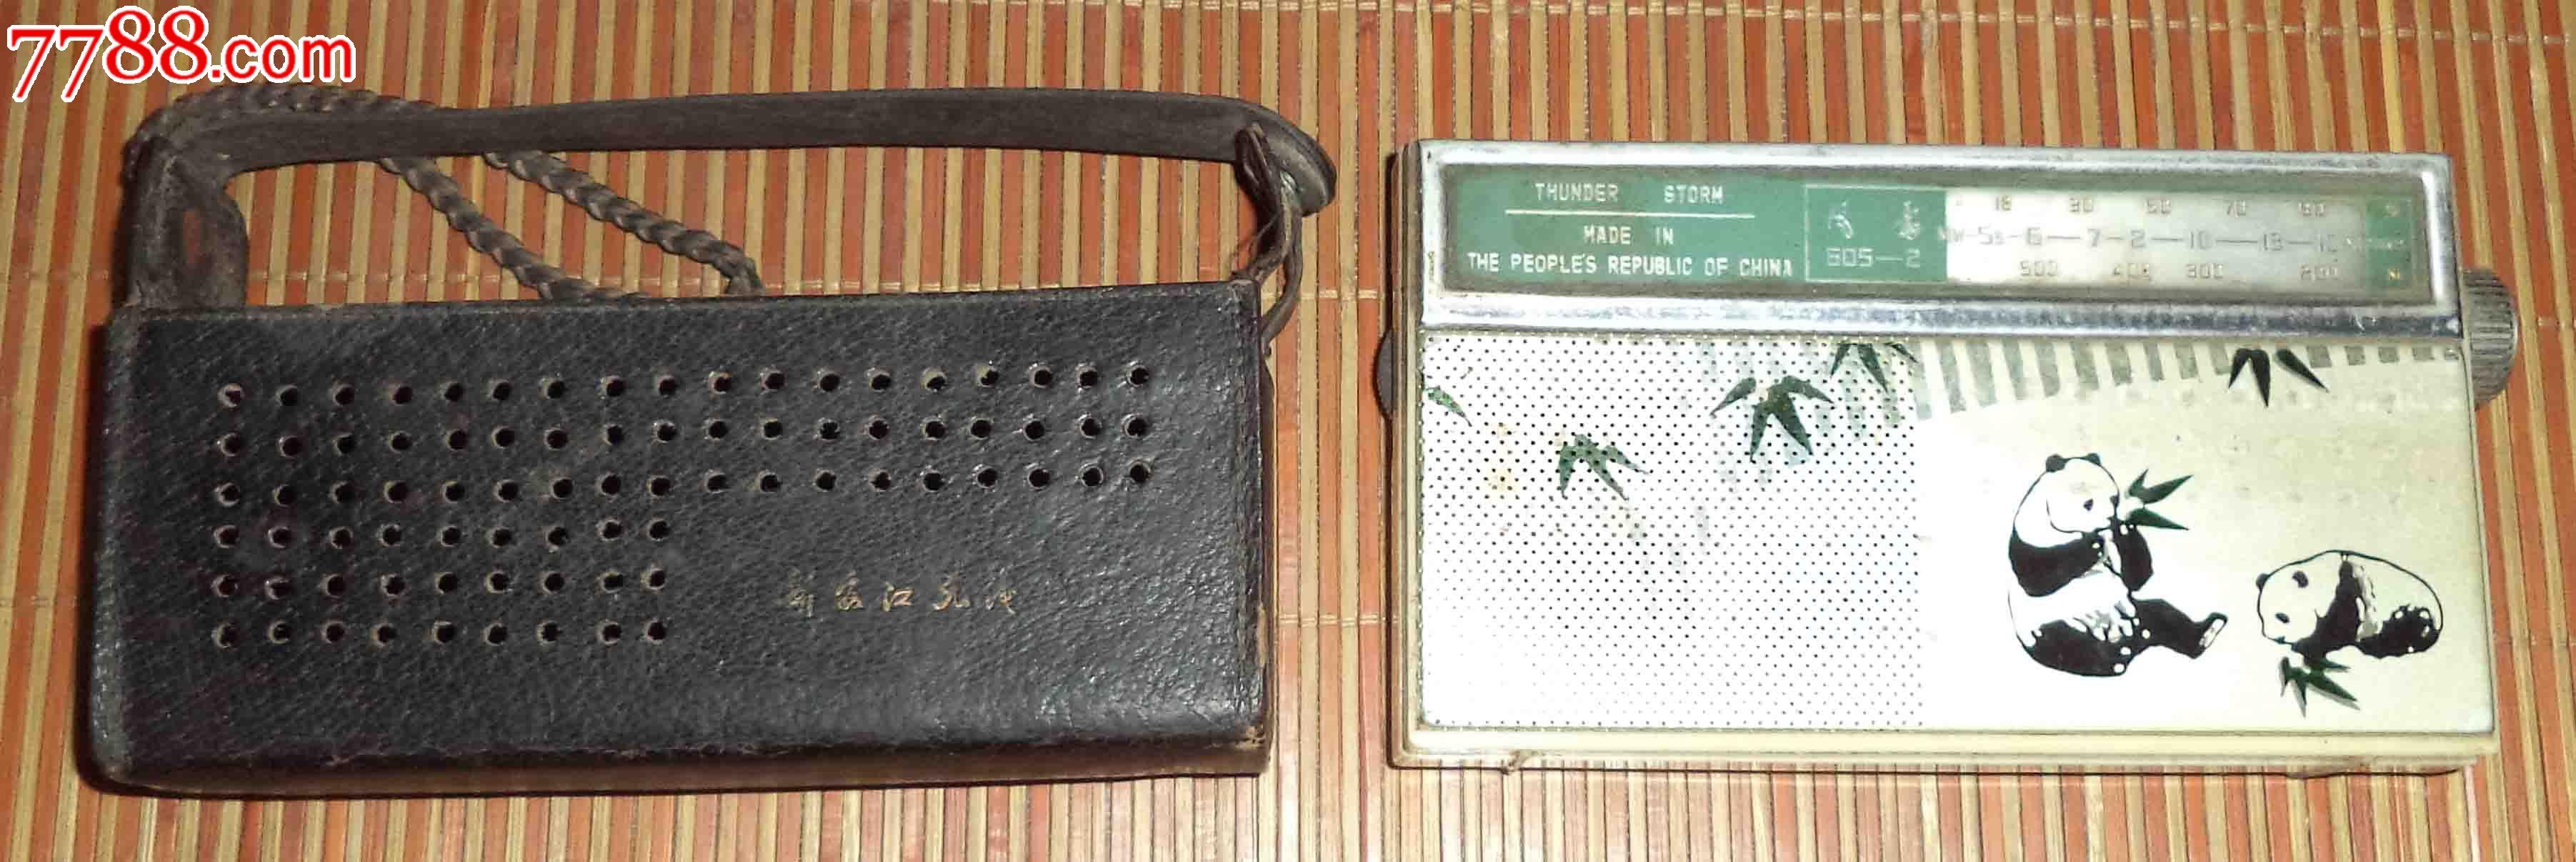 风雷605--2.晶体管收音机